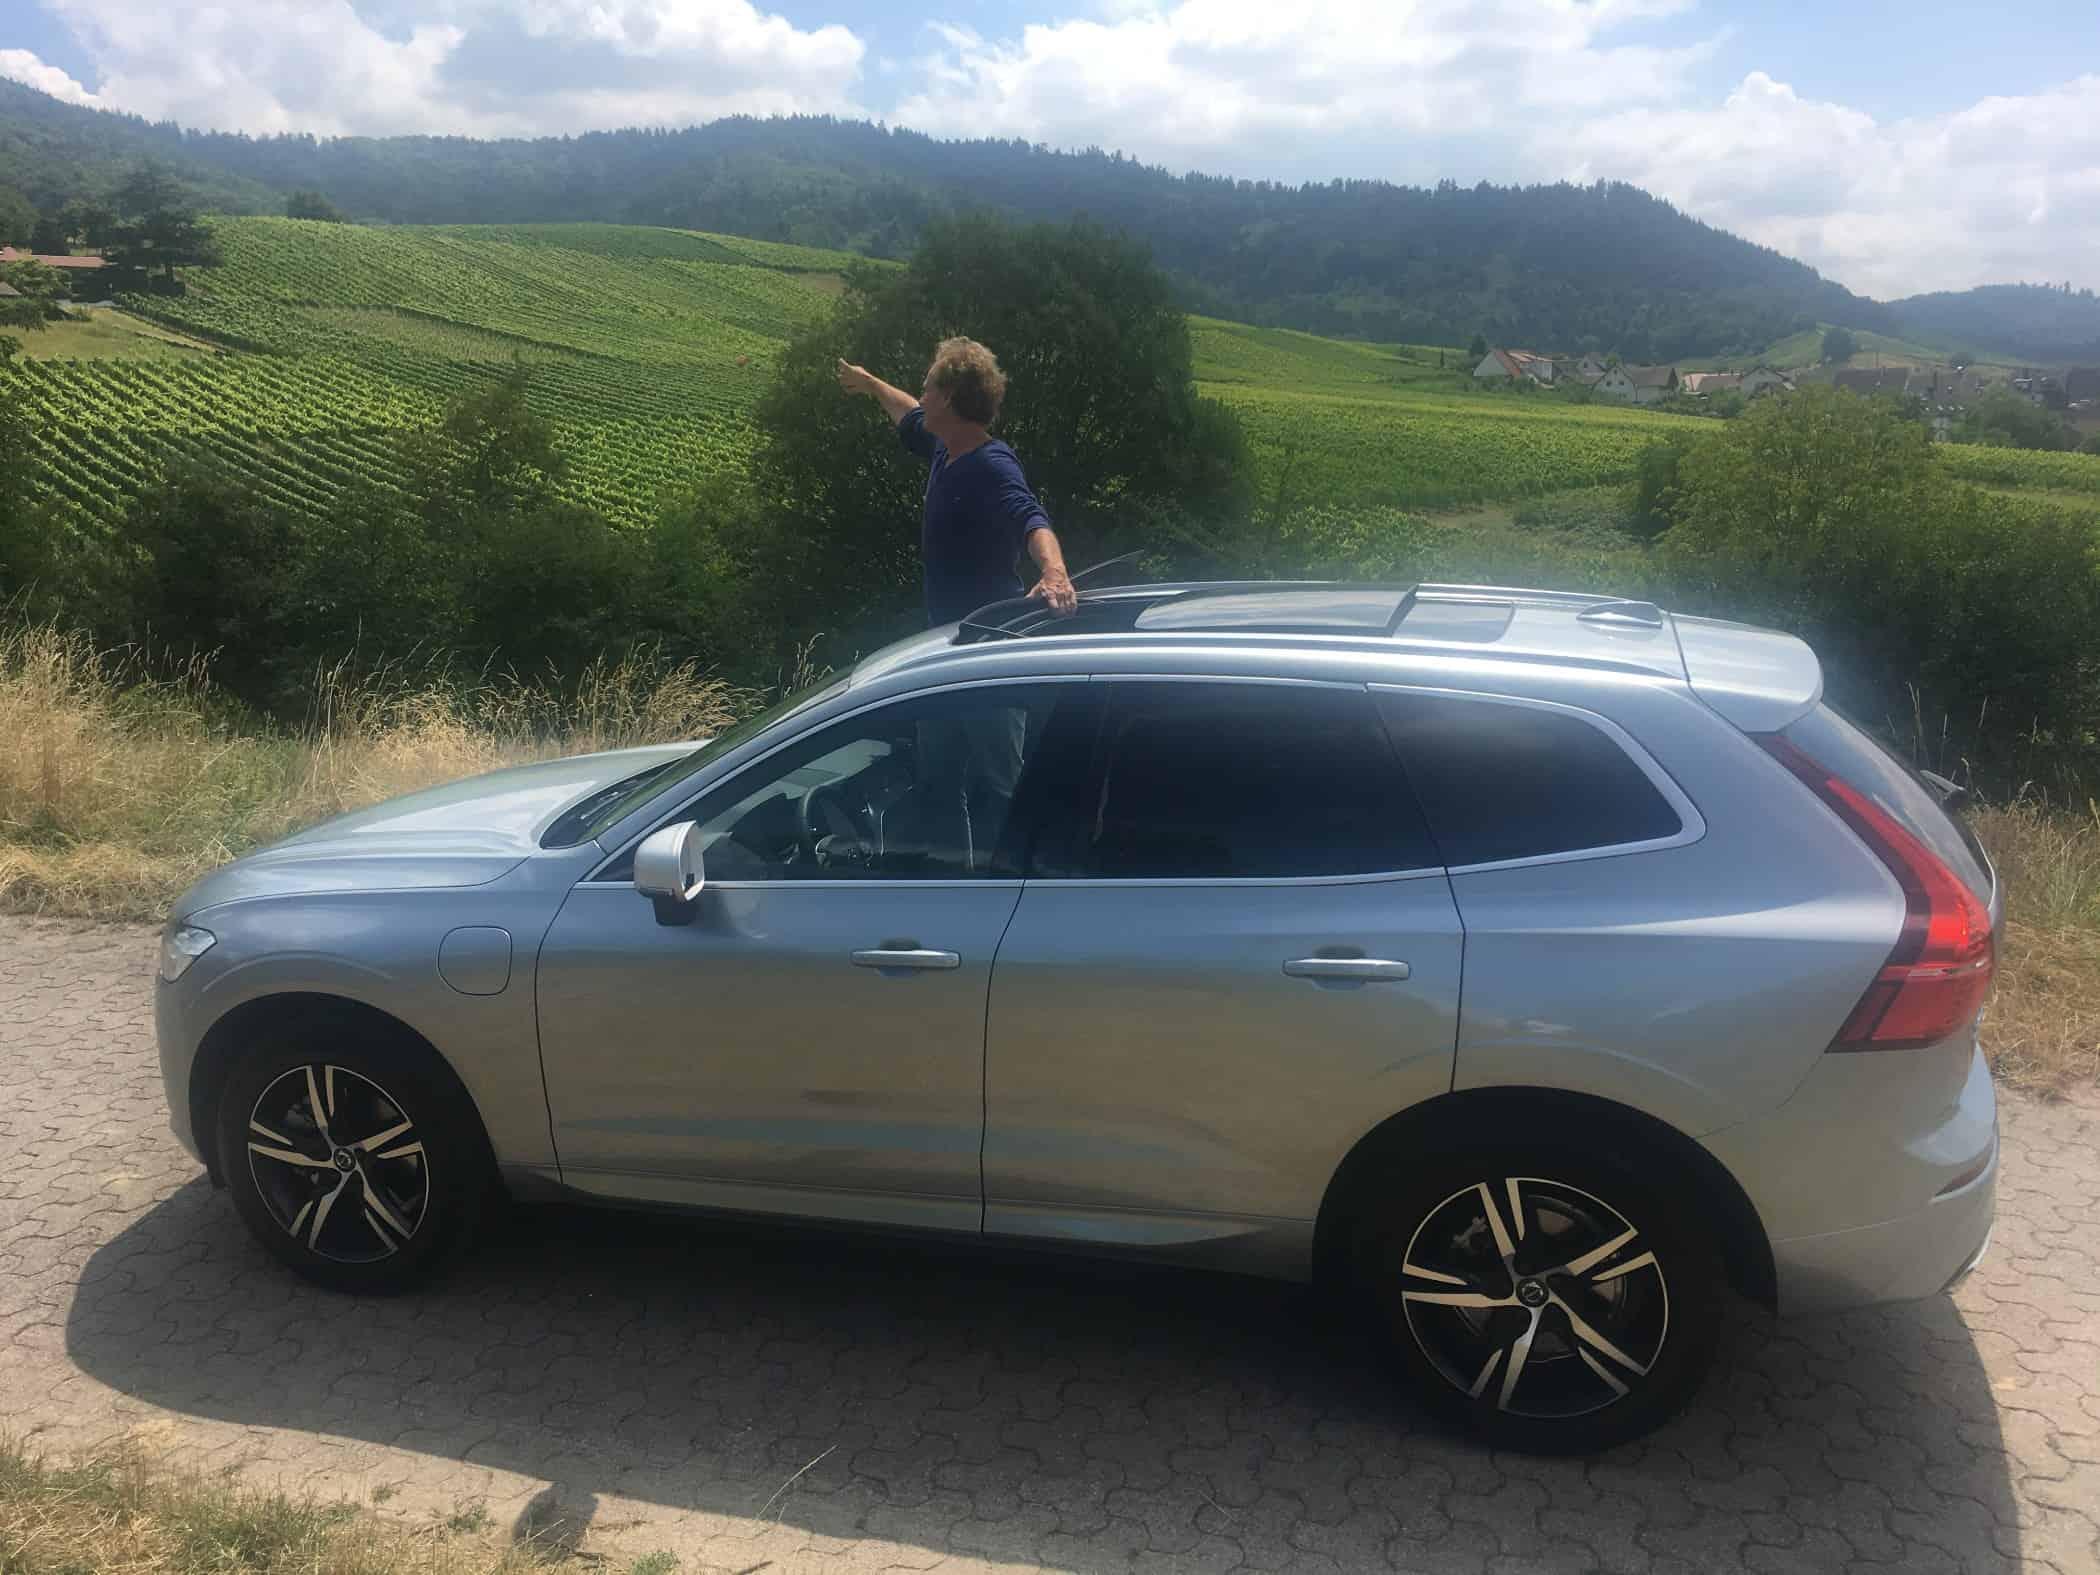 Volvo XC60 Plug-in Hybrid - Nutzt die Vorteile von zwei Antrieben ...